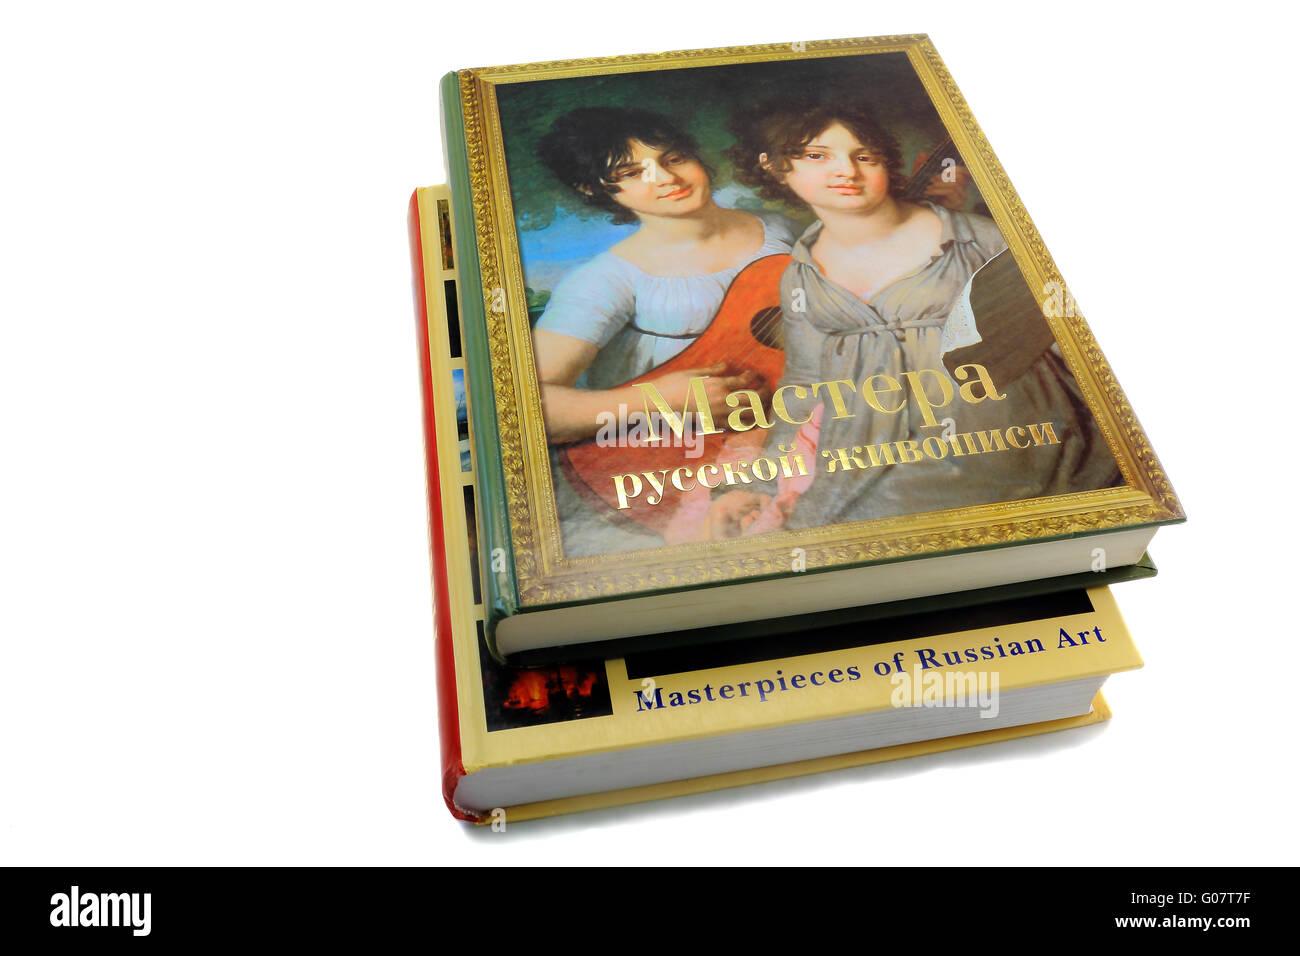 Deux livres sur la peinture sur un fond blanc Photo Stock